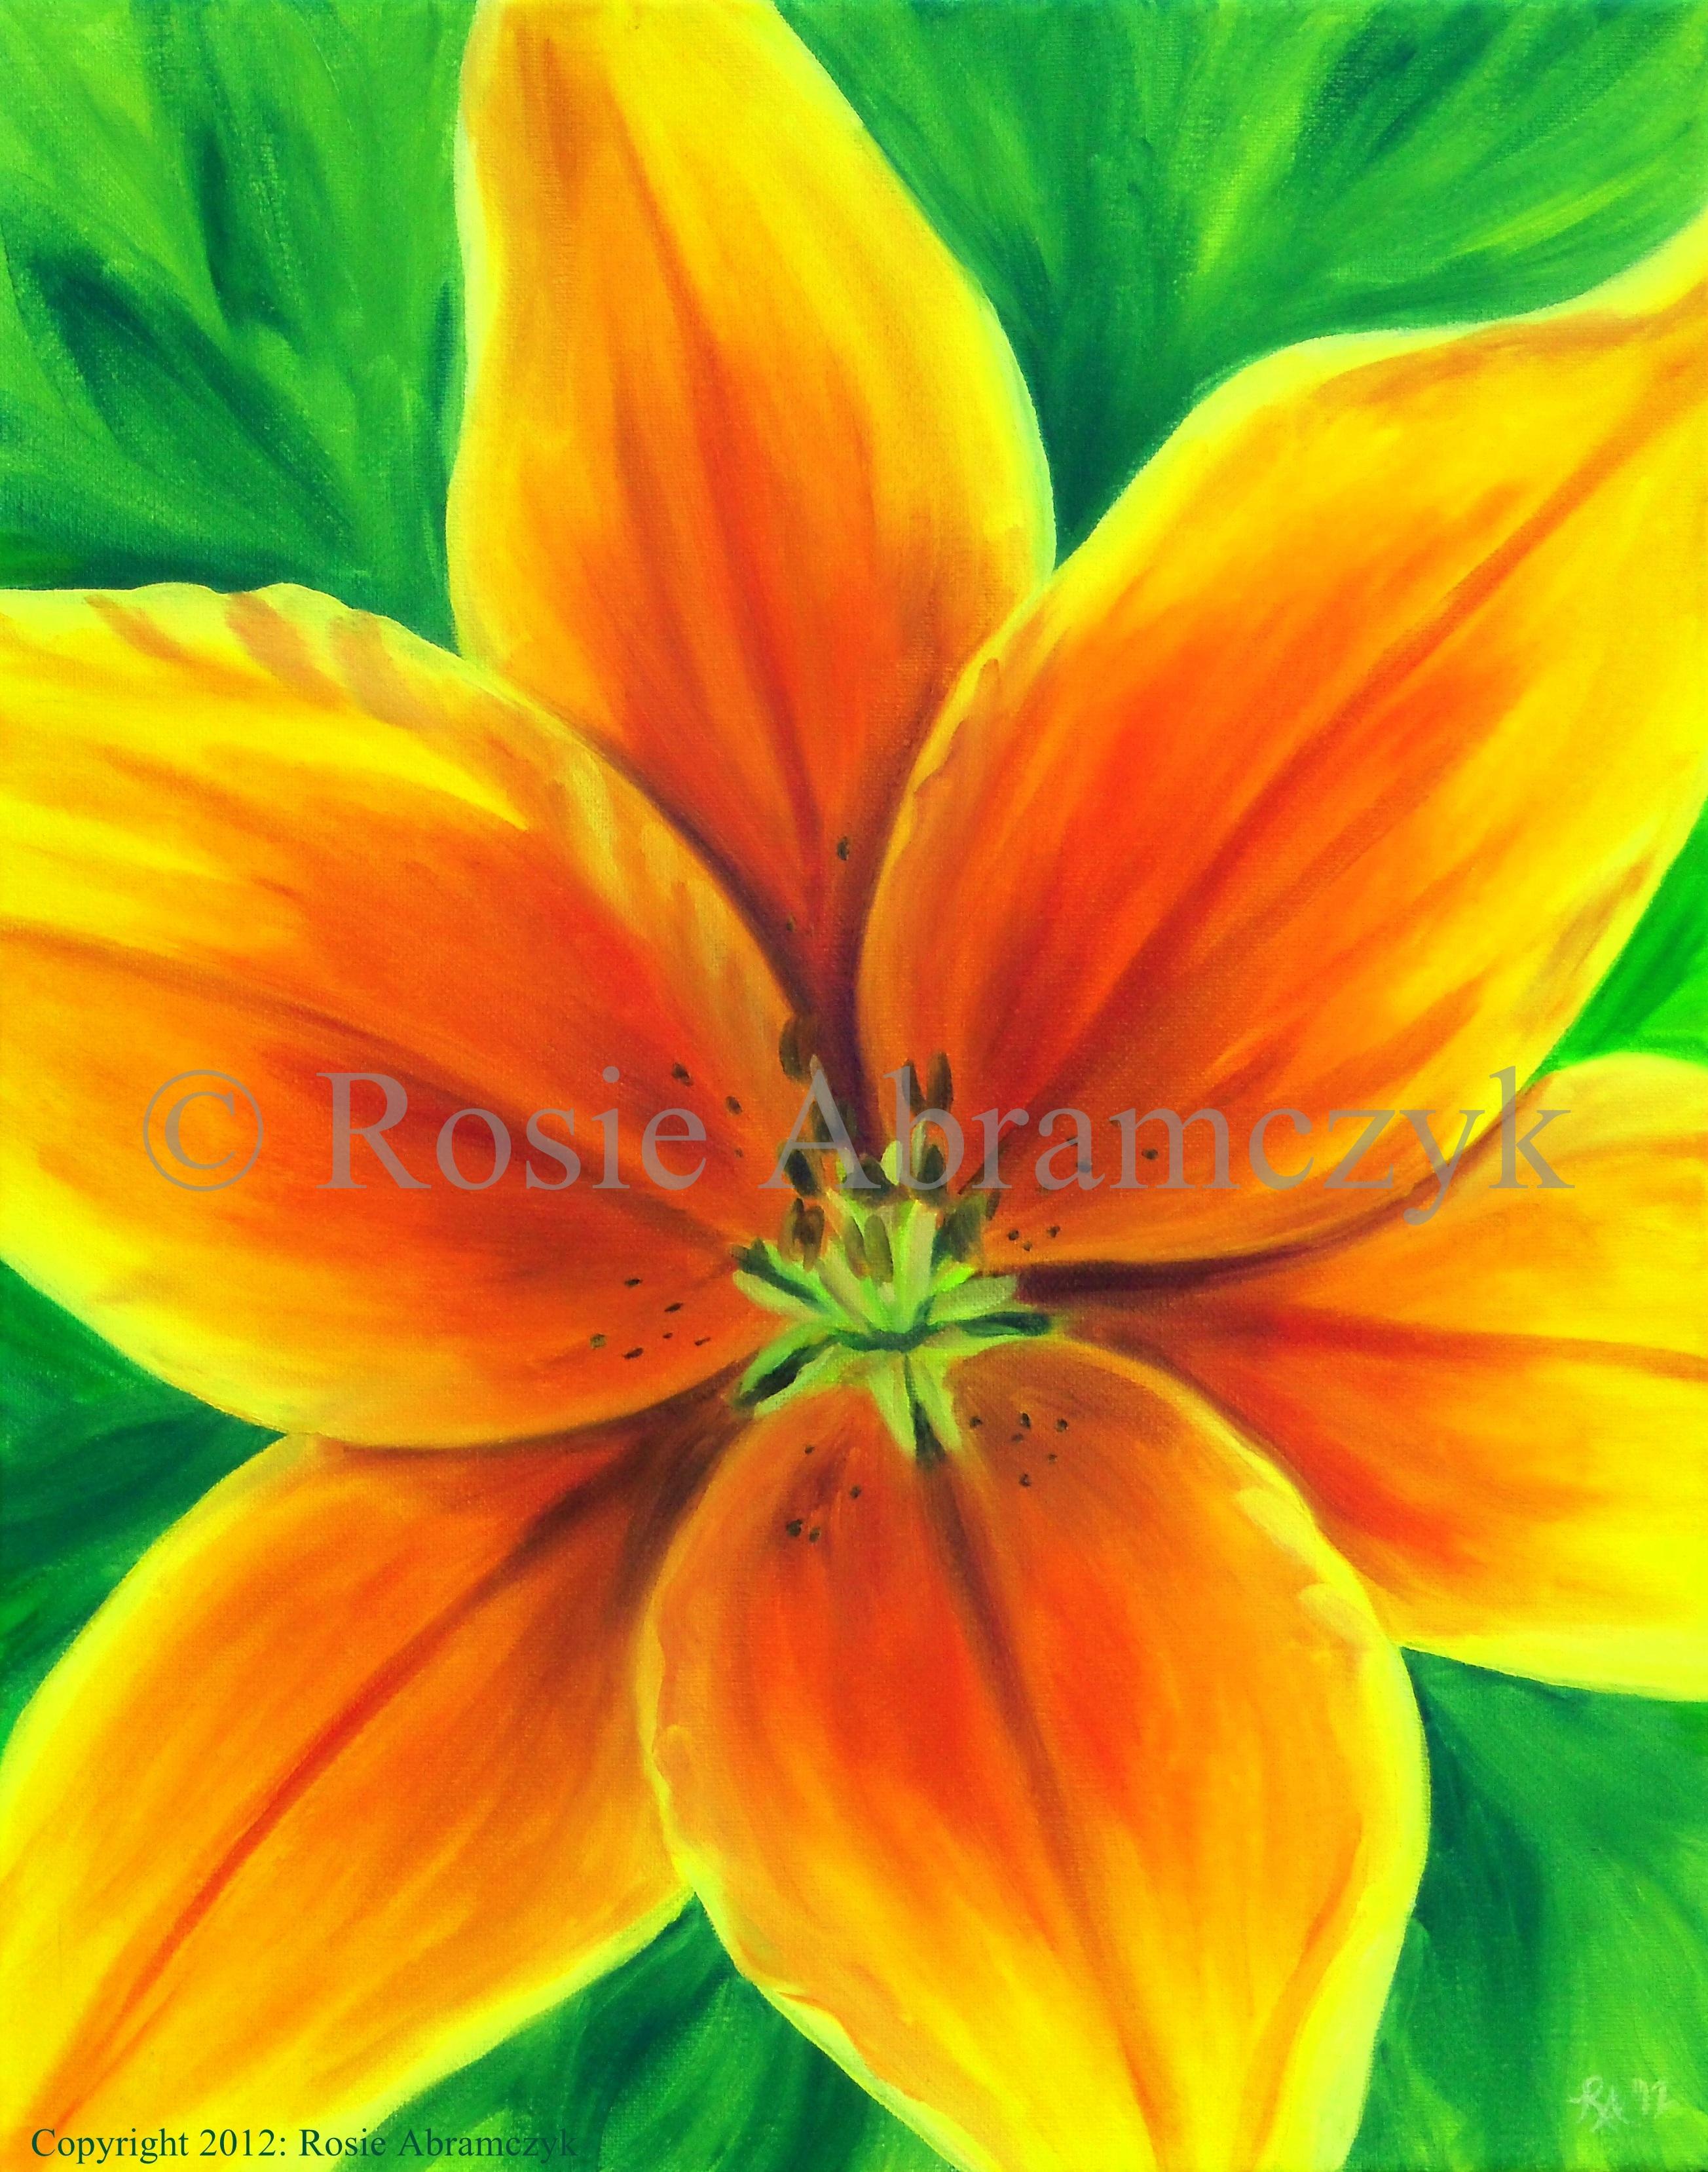 Orange Tiger Lily, Rosie Abramczyk, Oil, 2012